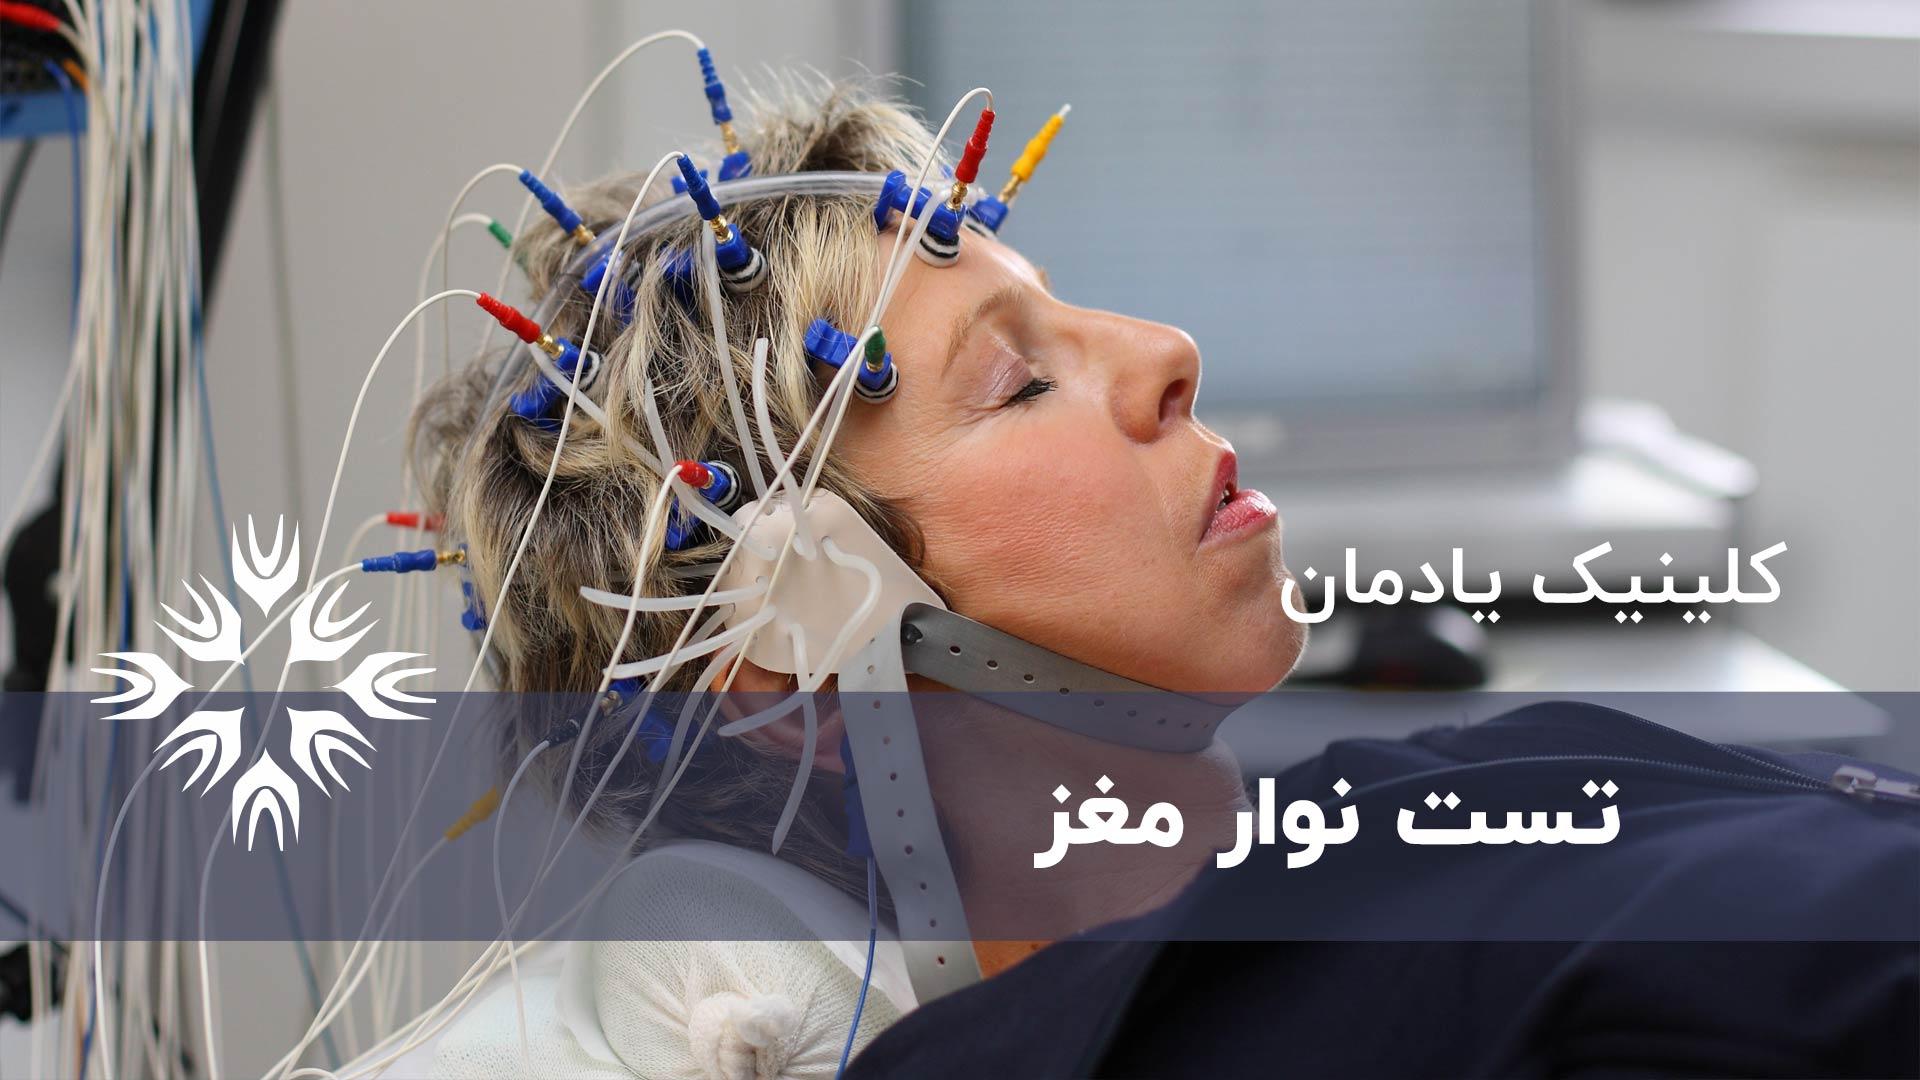 تست نوار مغزی و هر آنچه بایستی بدانید